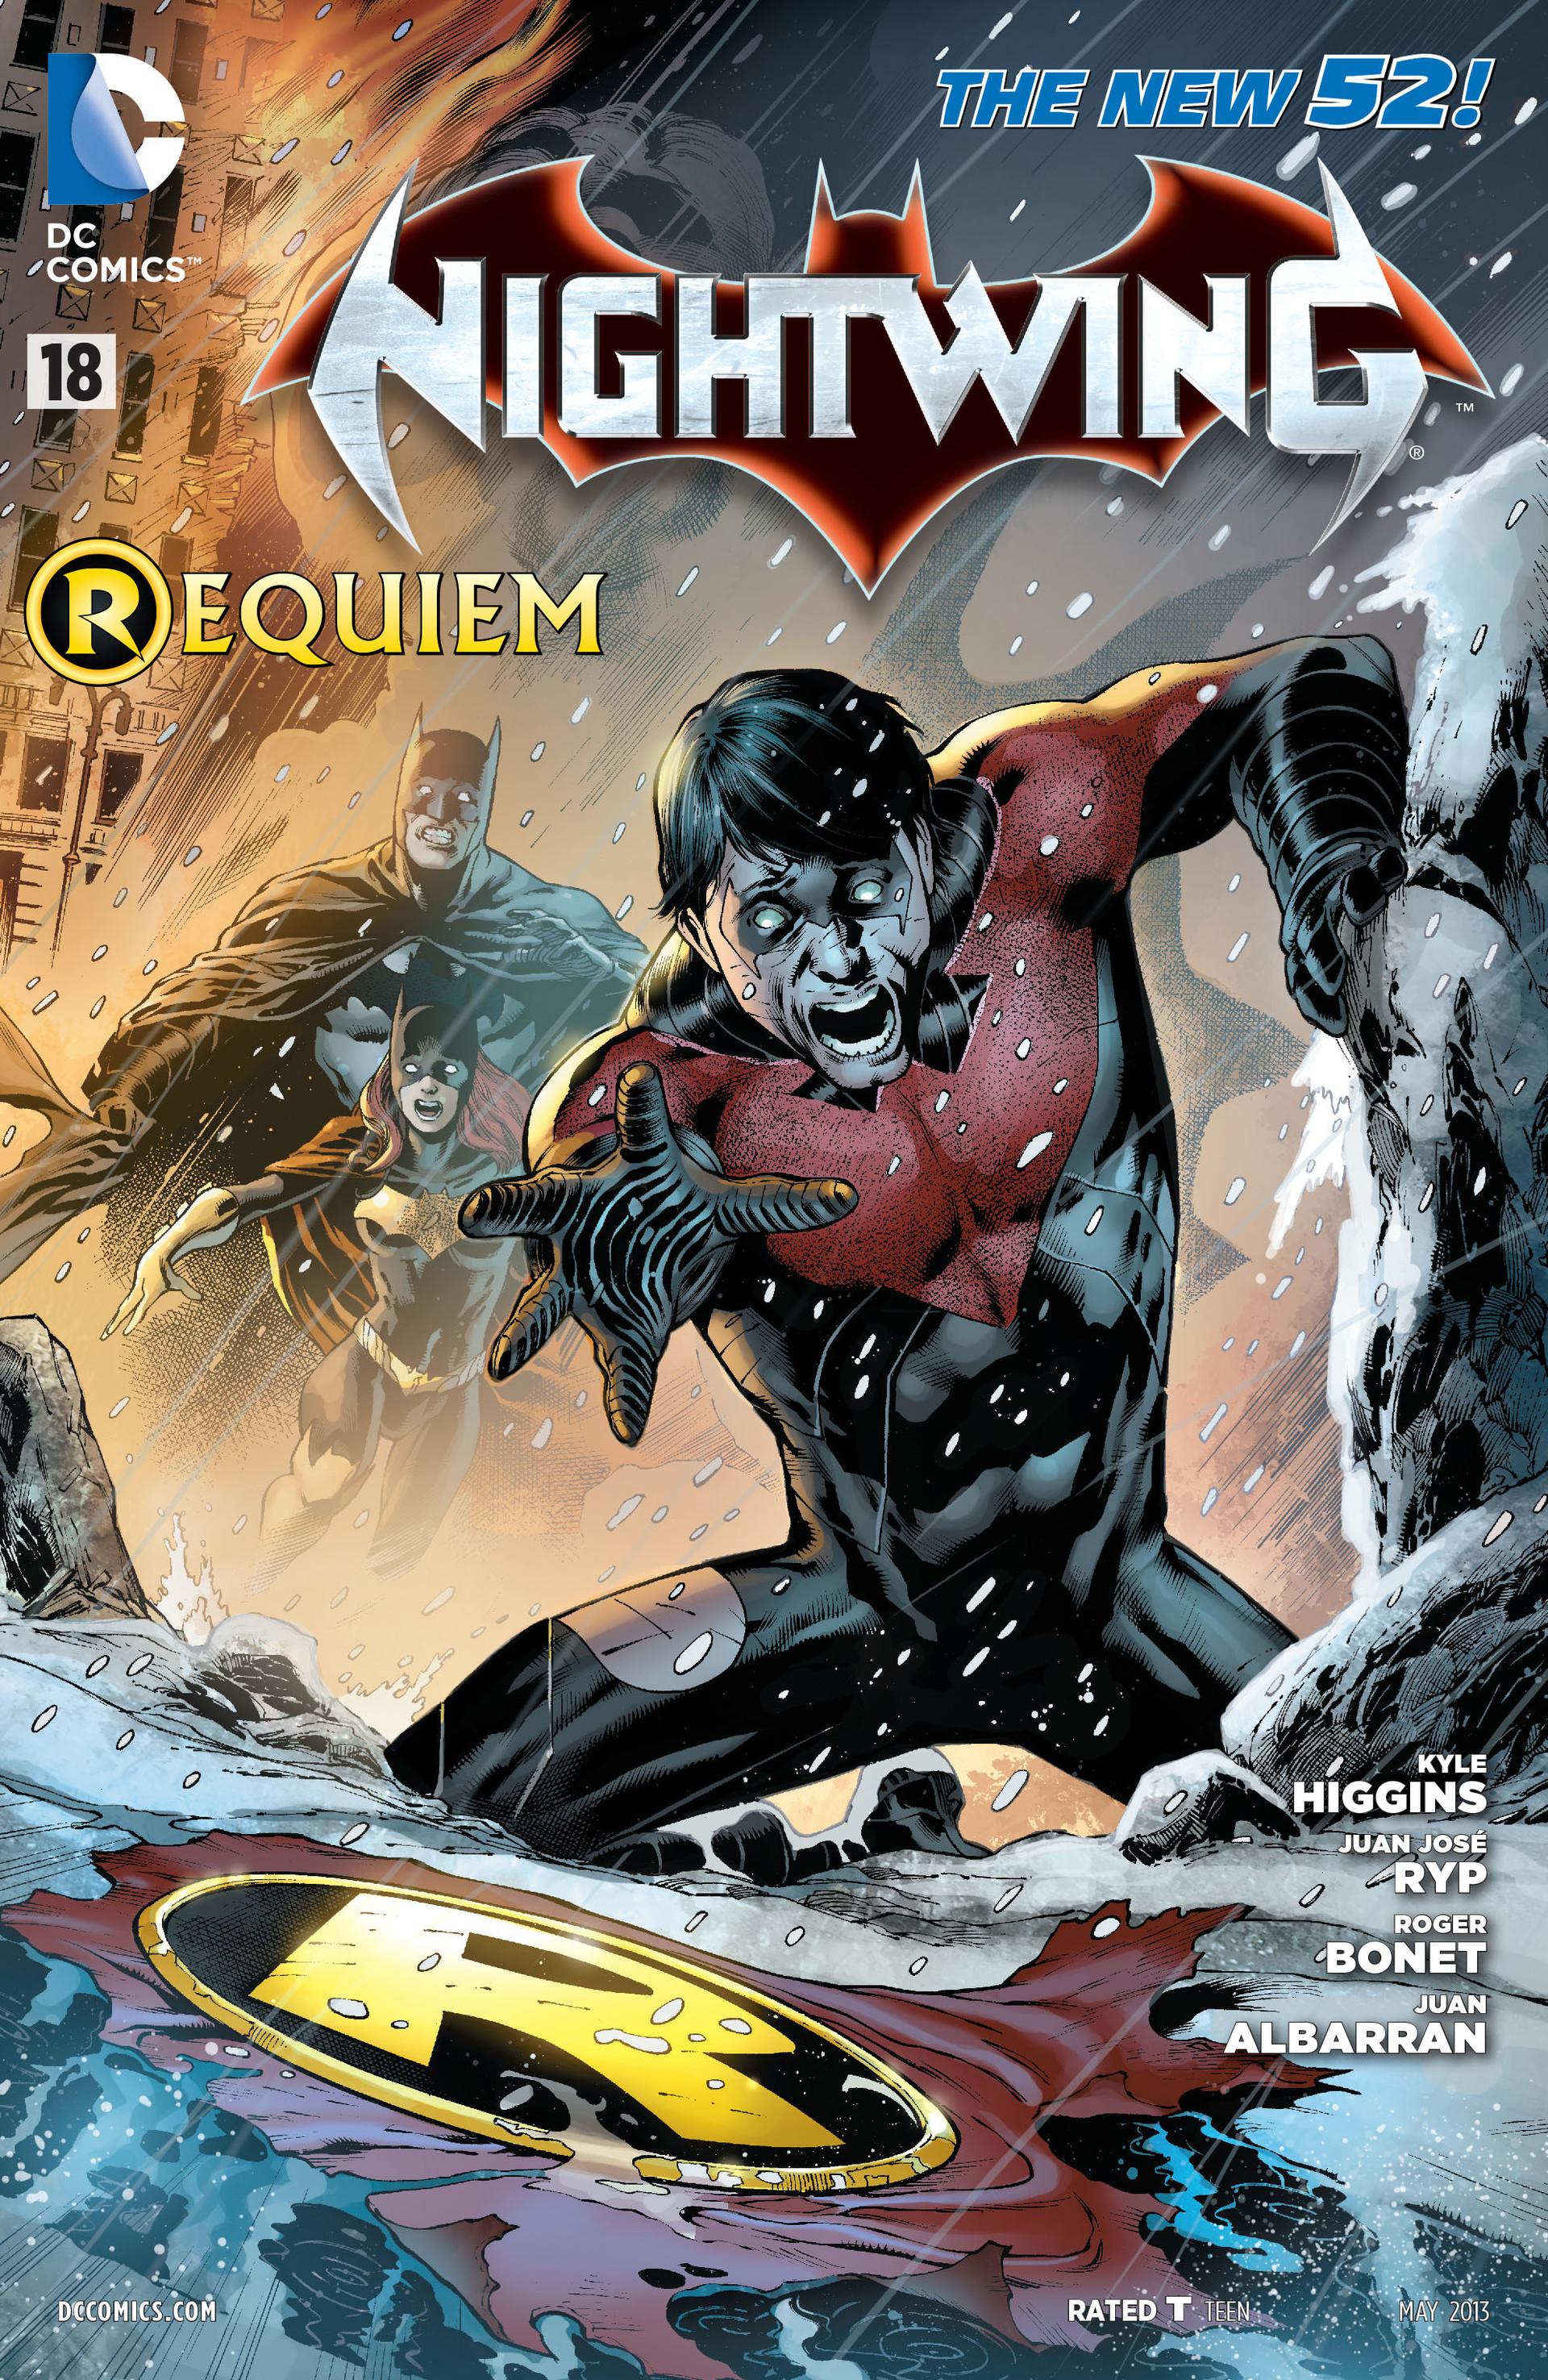 Nightwing (Volume 3) Issue 18 | Batman Wiki | FANDOM powered